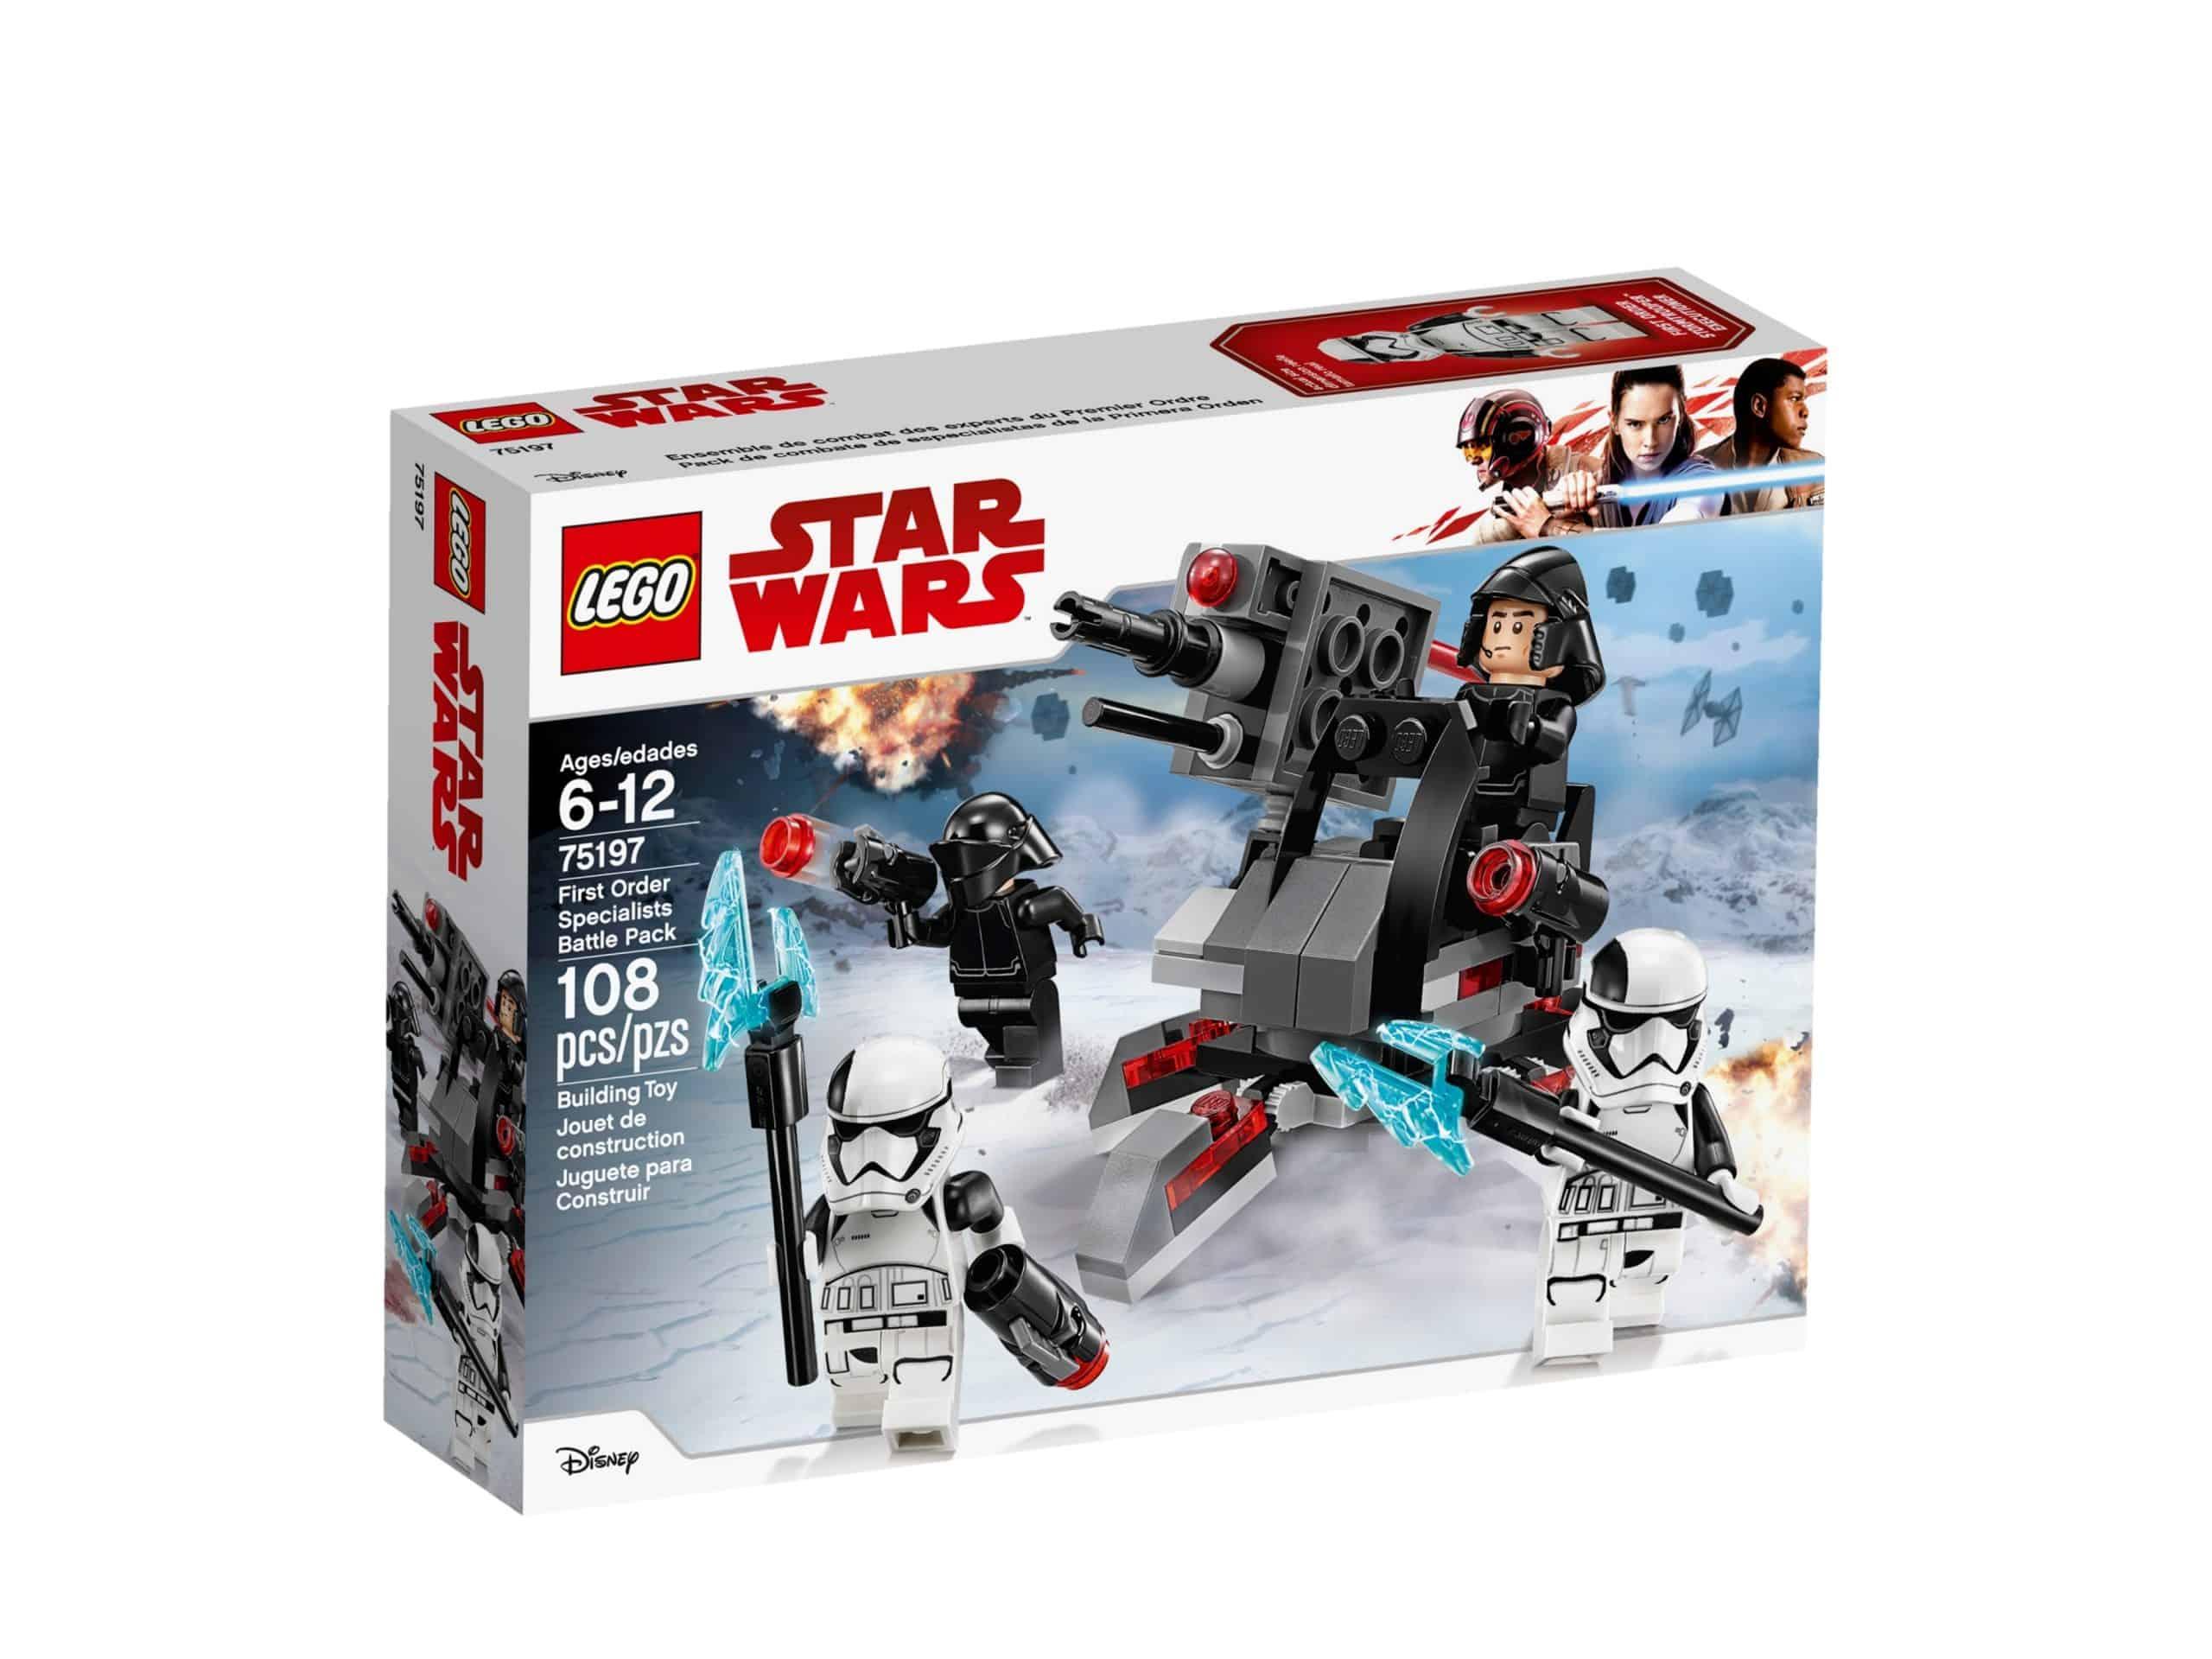 lego 75197 den forste ordens specialister battle pack scaled